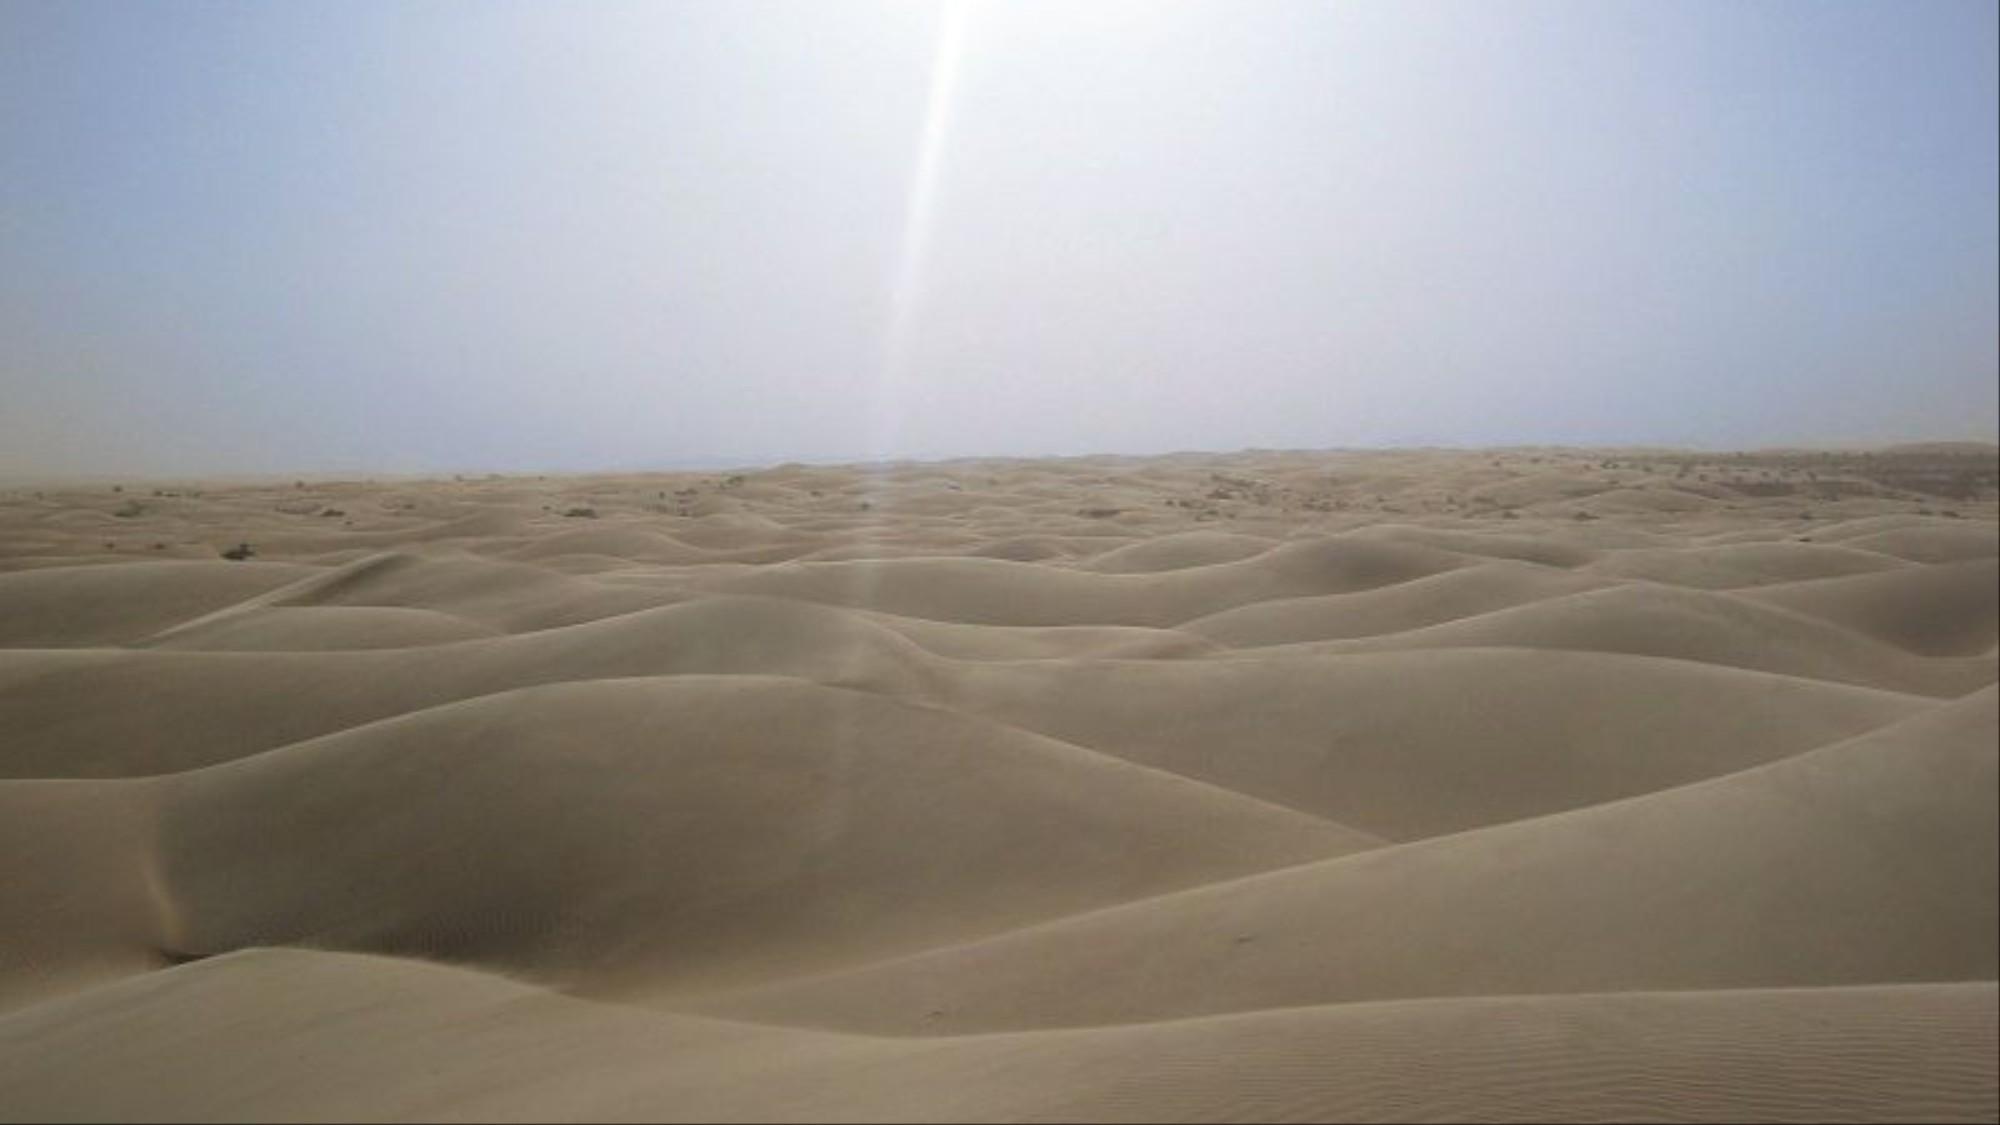 Ветро- и солнечные энергостанции в Сахаре помогут улучшить климатические условия пустыни - 1